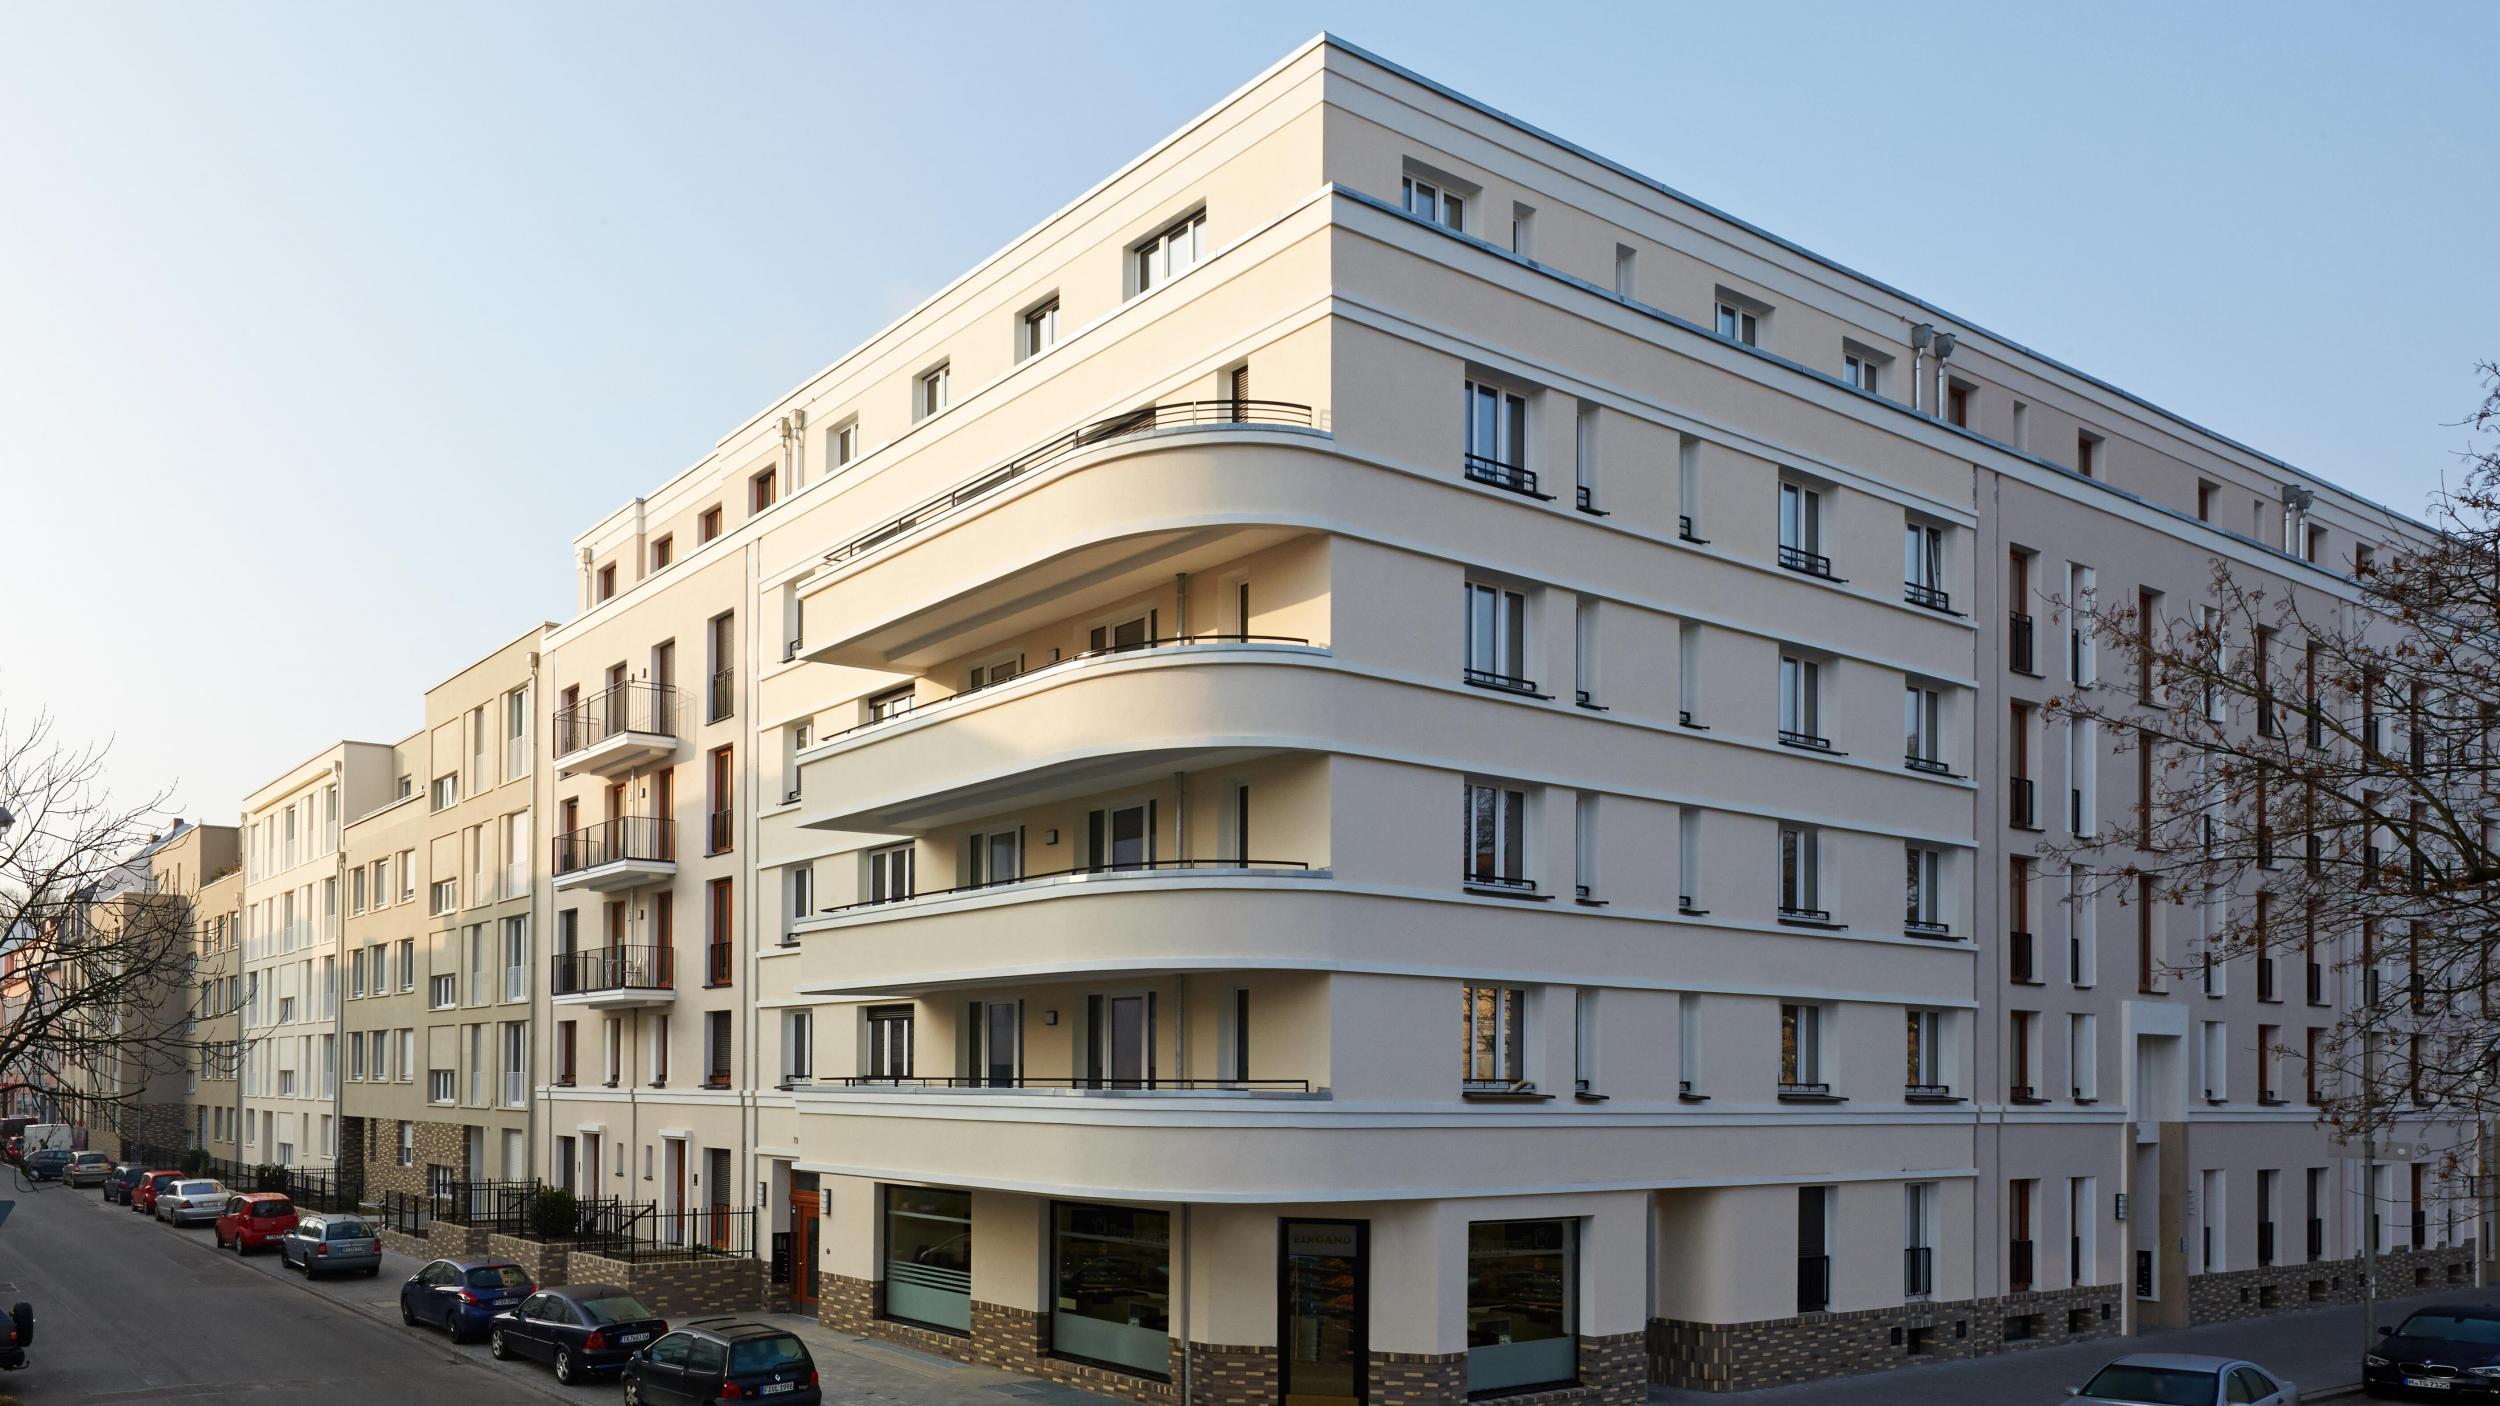 Vielseitiger Wohnraum in urbaner Lage